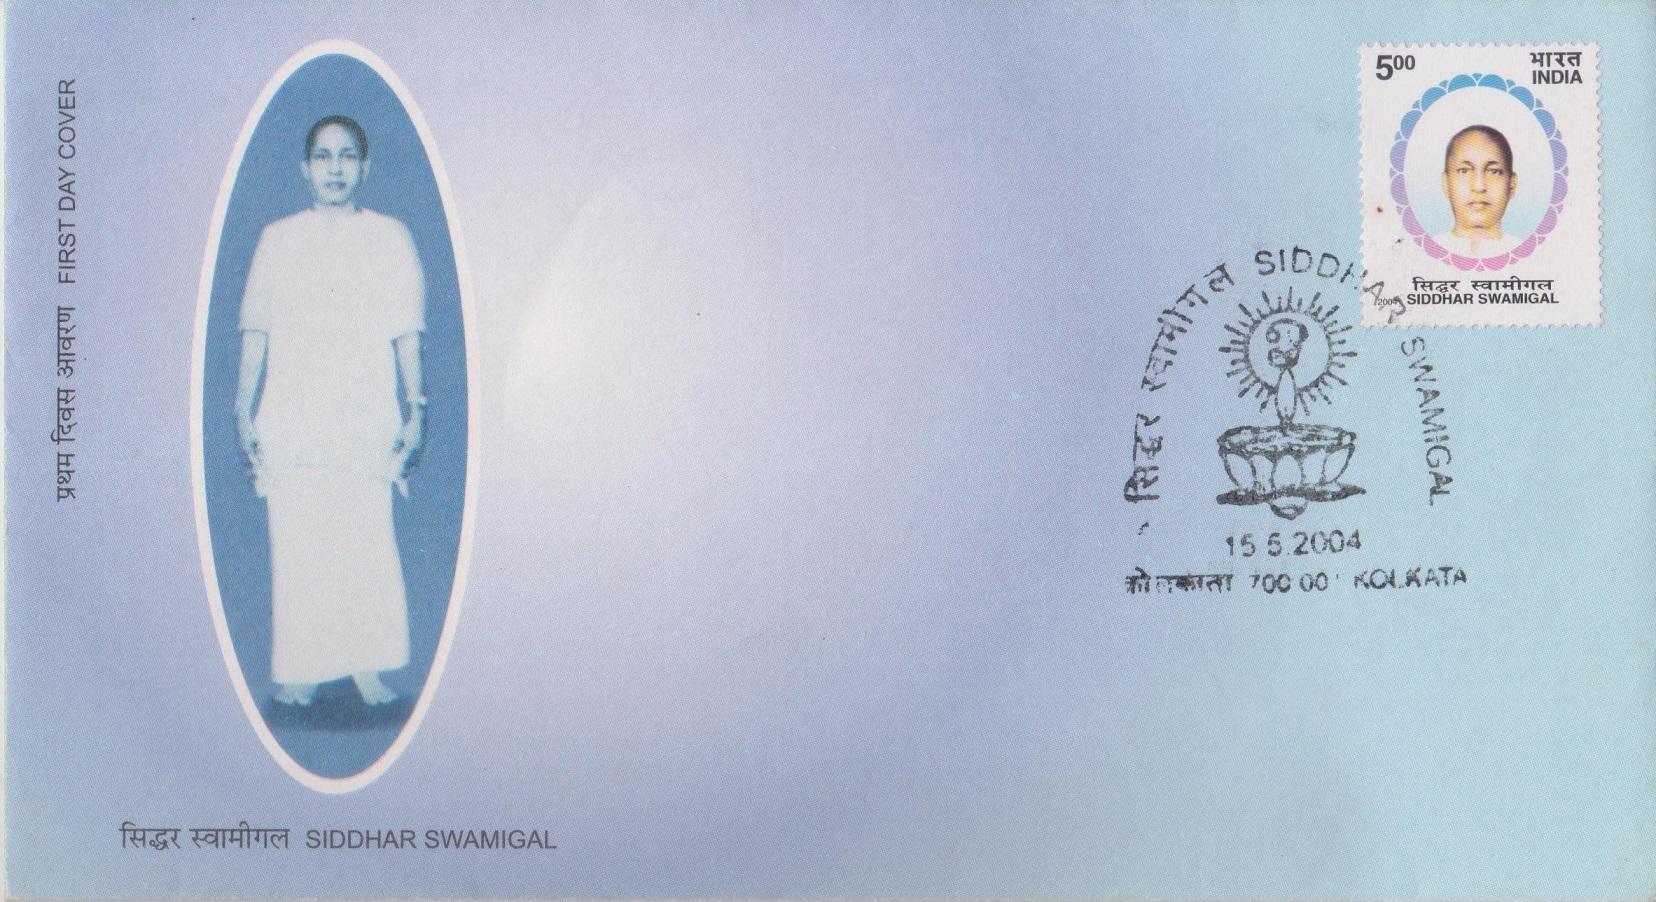 Maha Siddhar Mayiladuthurai Siddhar Swamigal